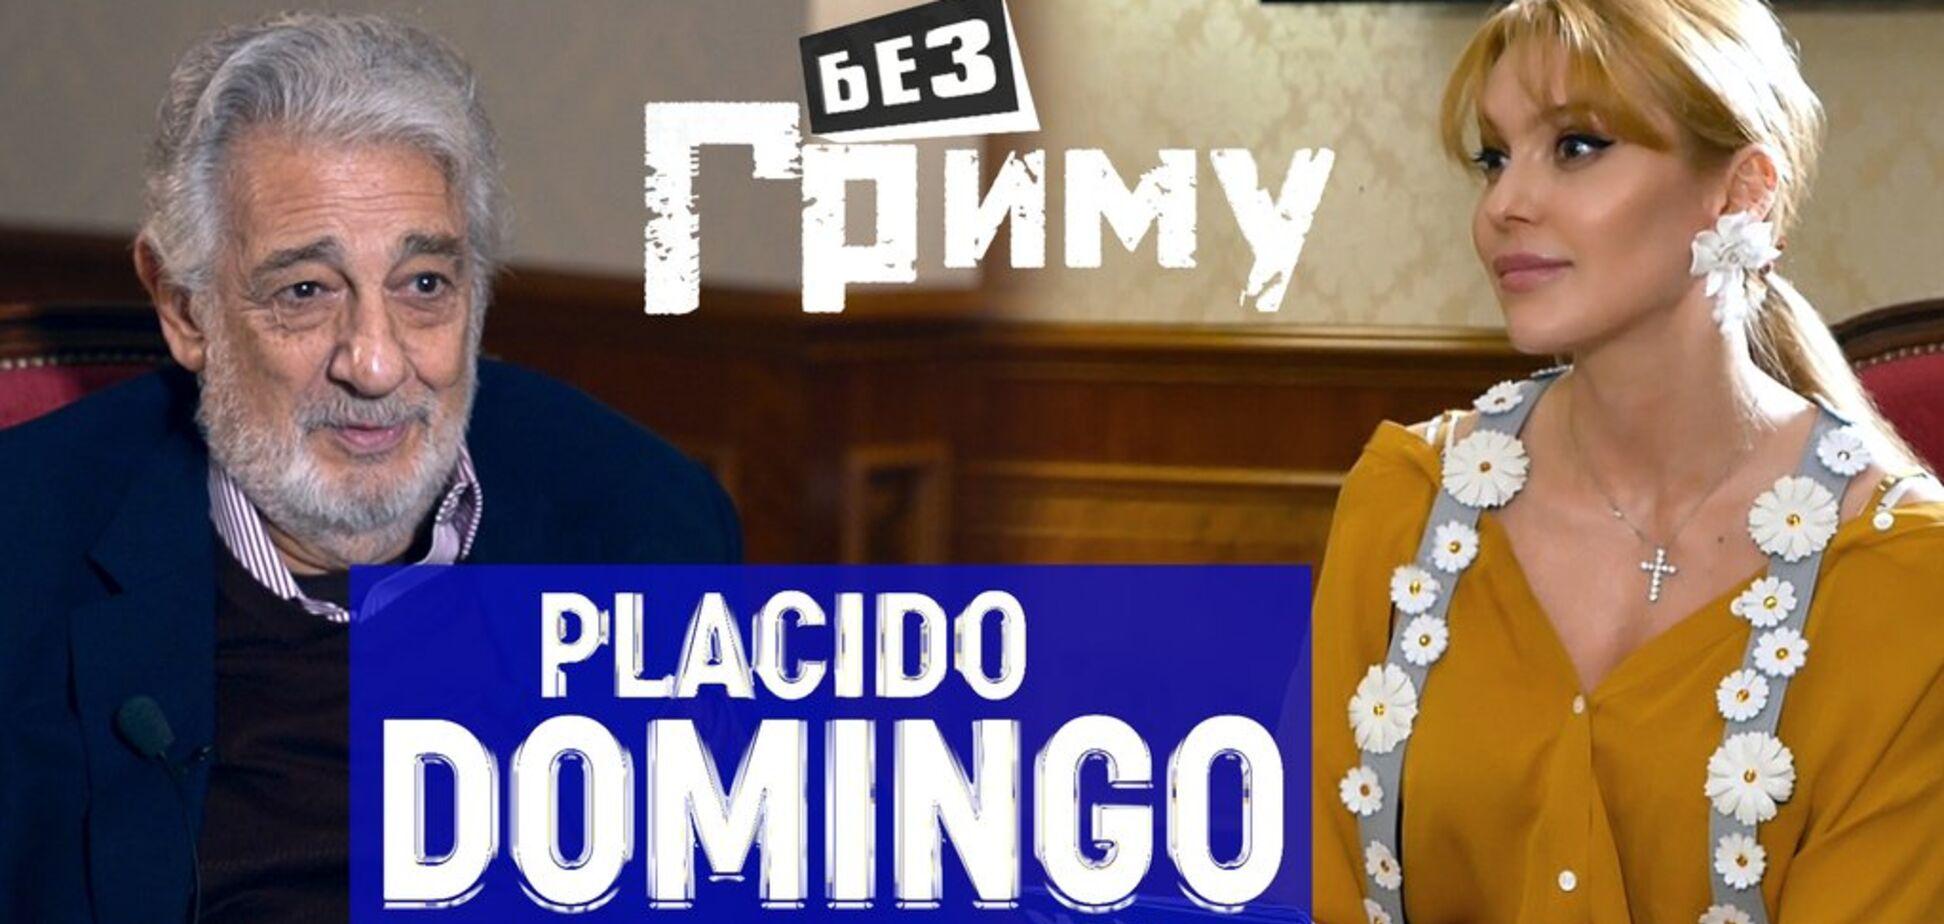 Є три співачки, з якими я б заспівав дуетом – Пласідо Домінго в бліц-шоу 'Без гриму'